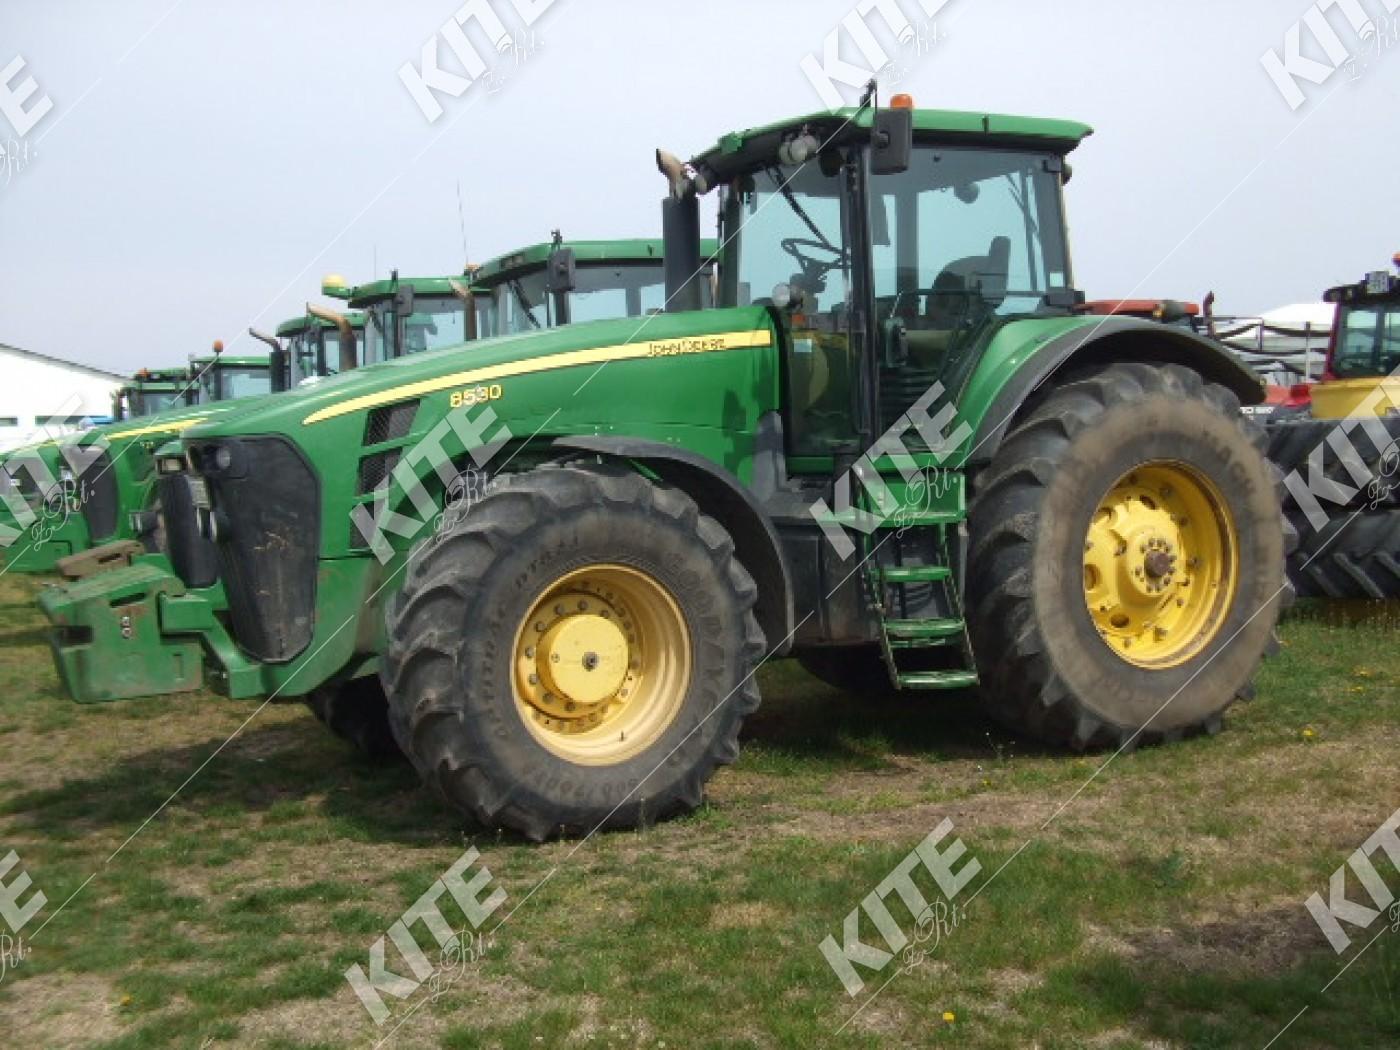 John Deere 8530 Használt Mezőgazdasági Gépek Eszközök Kite Zrt